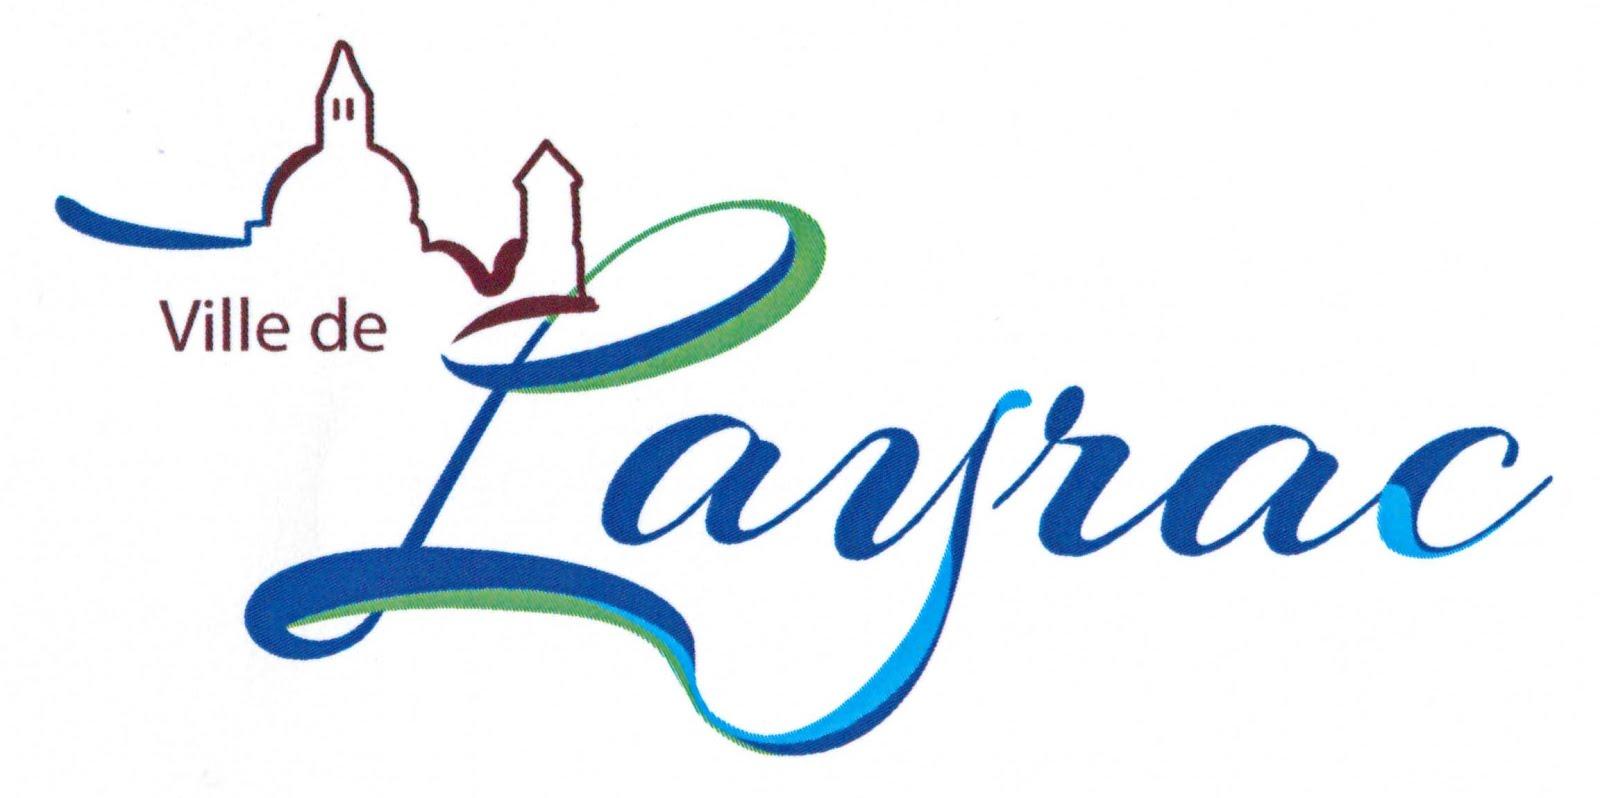 LAYRAC